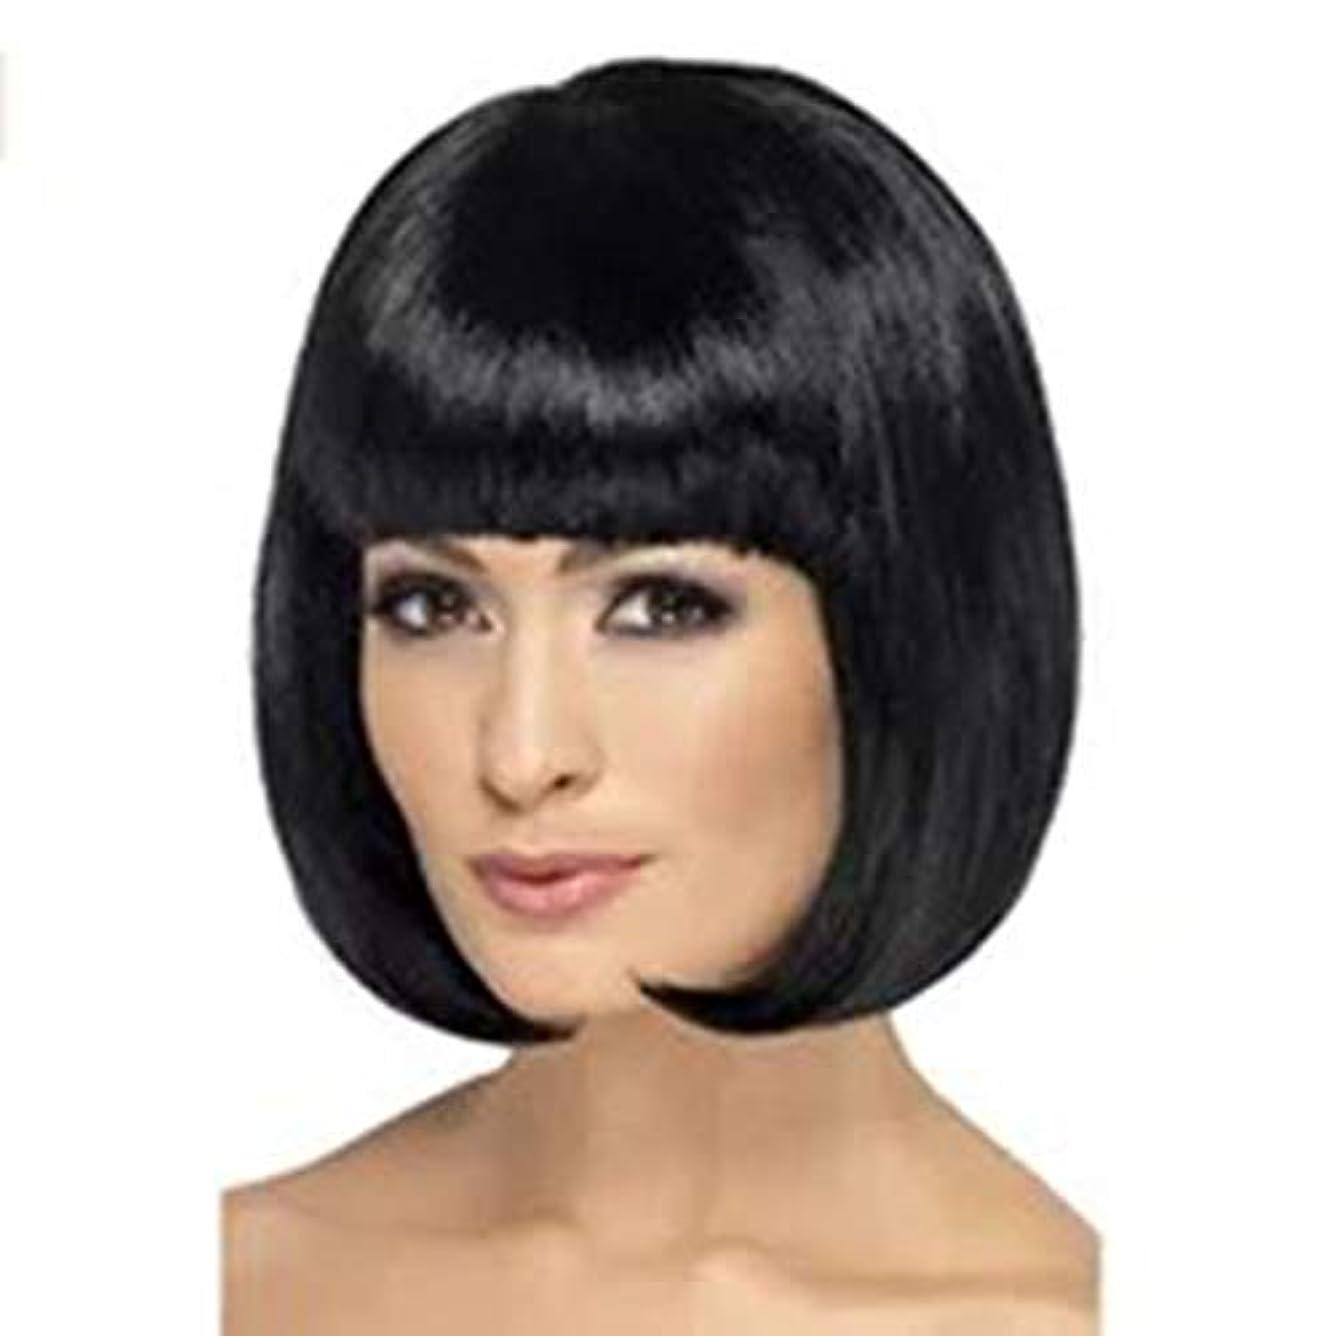 旅客負荷民主主義Kerwinner ボブかつら女性のための平らな前髪ふわふわ自然耐熱交換かつら完全な合成かつら